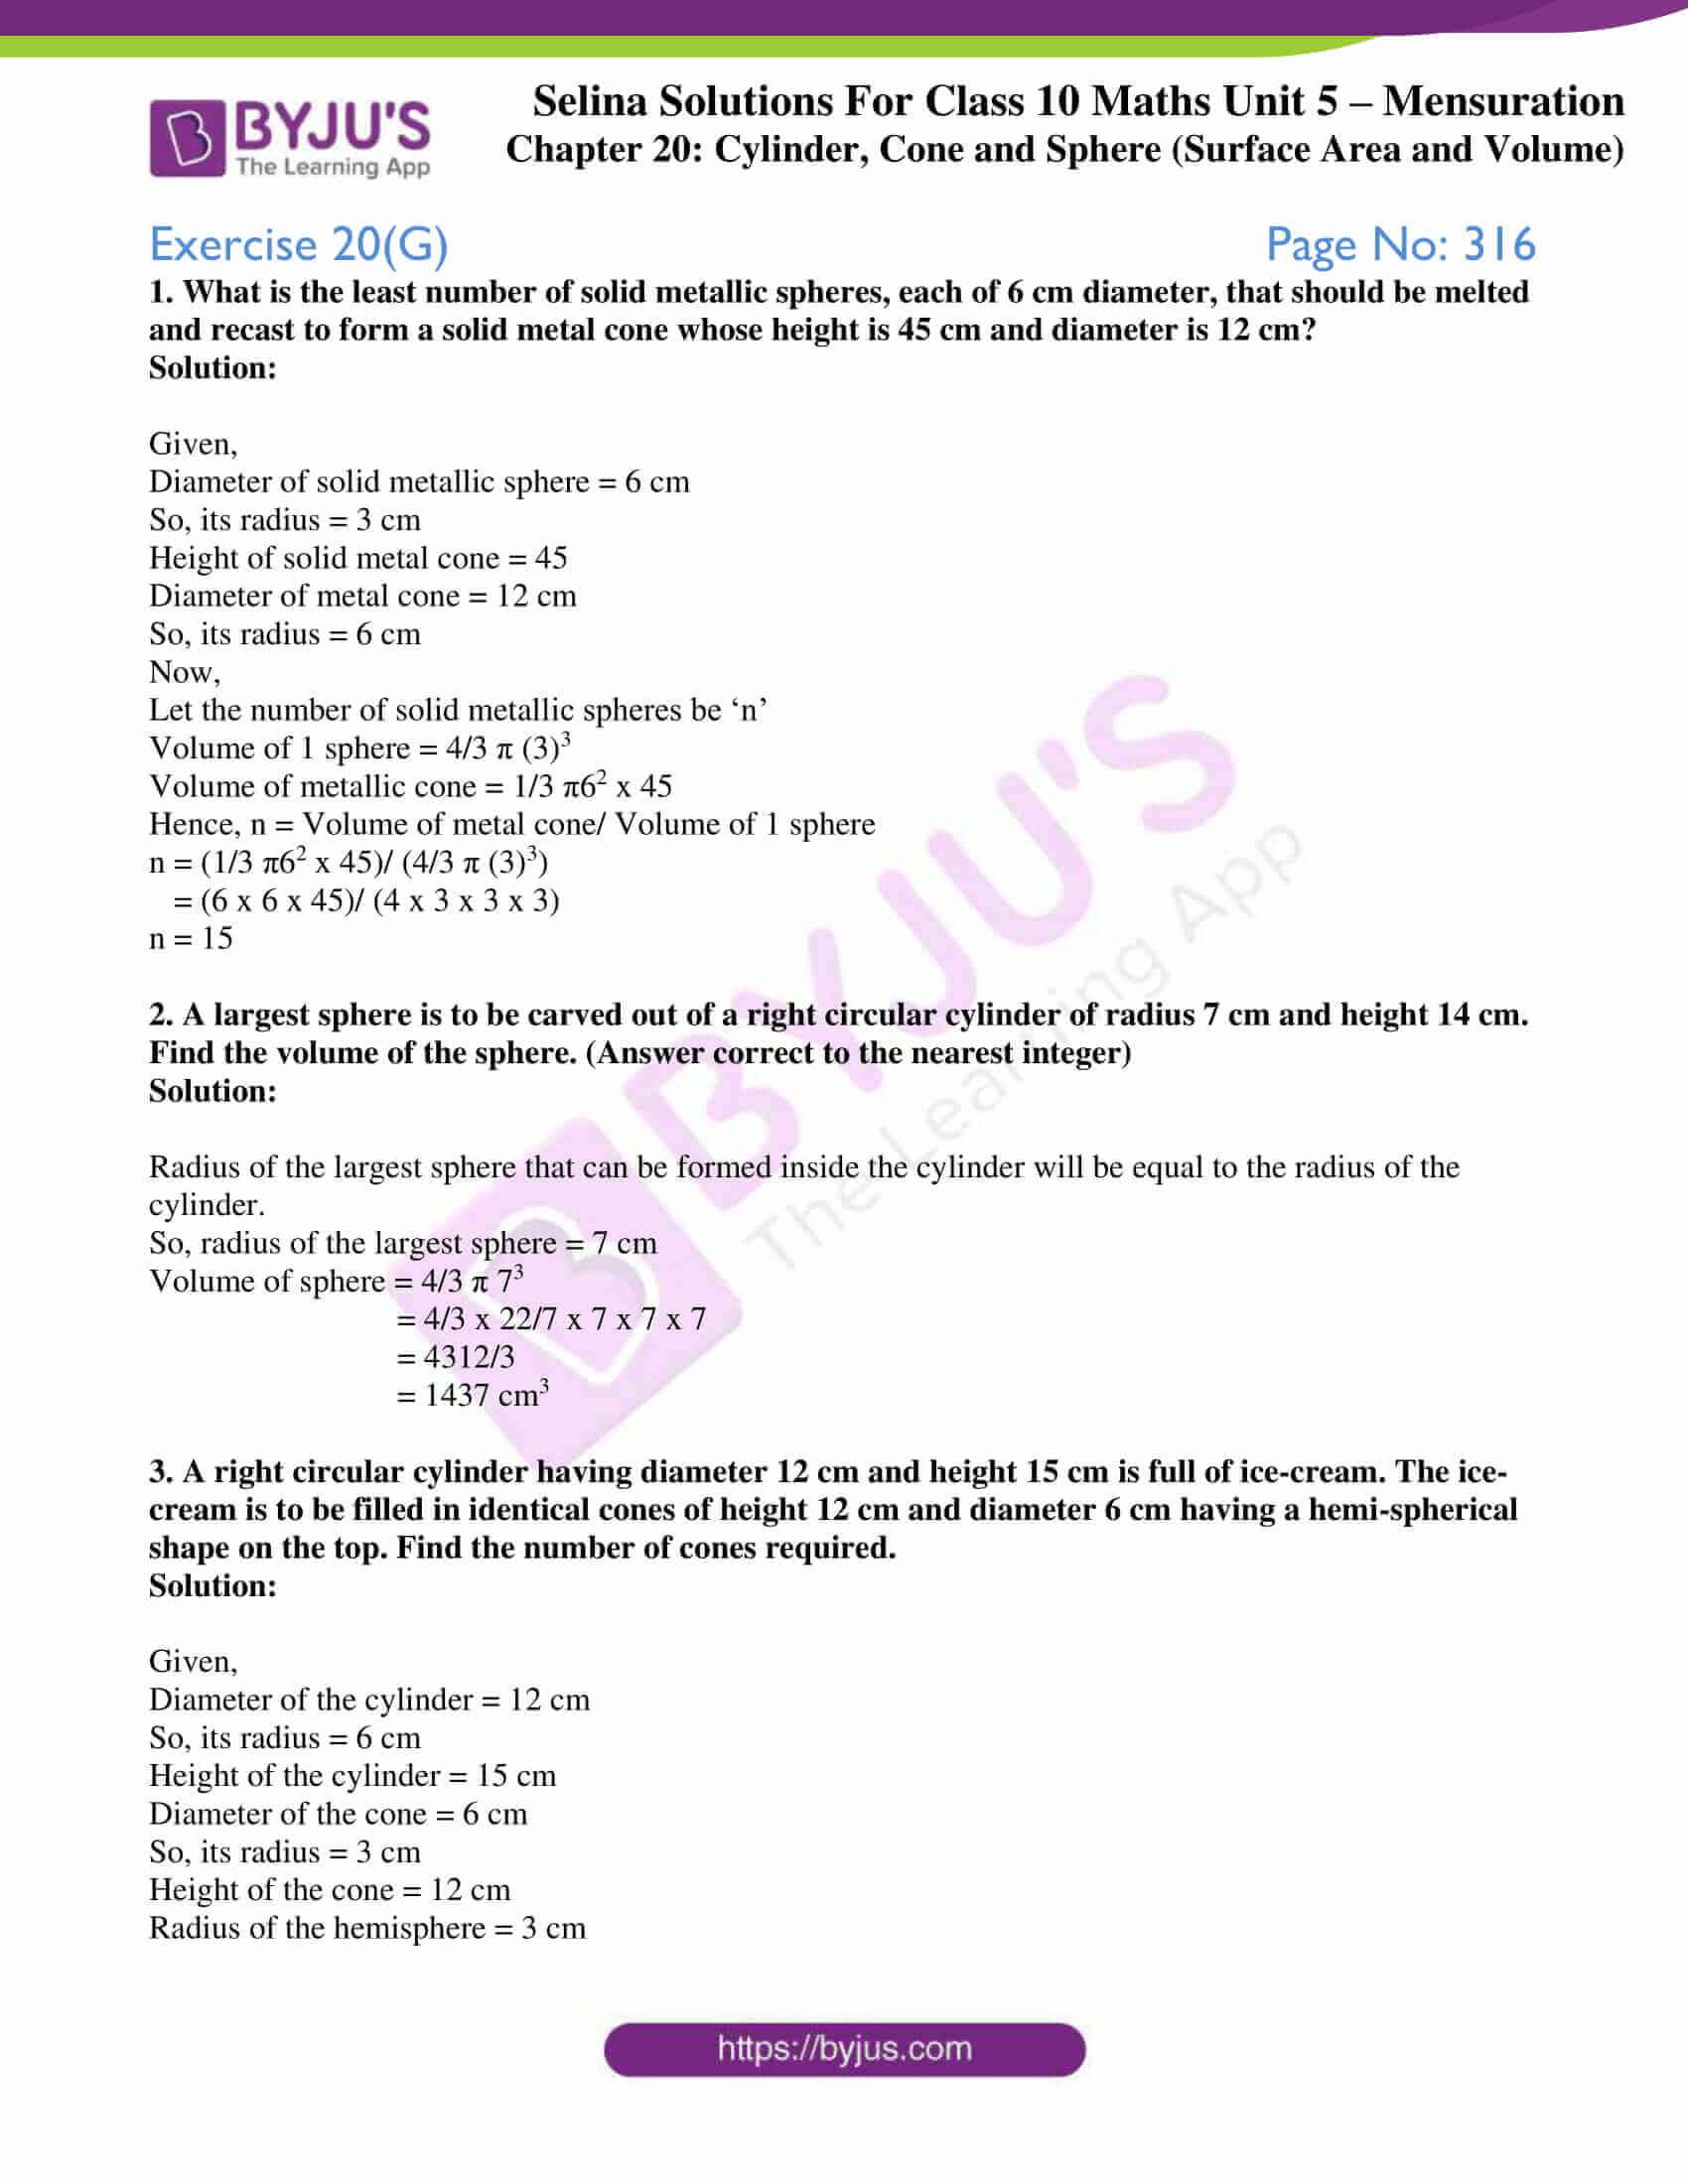 selina-sol-maths-class-10-ch-20-ex-g-1